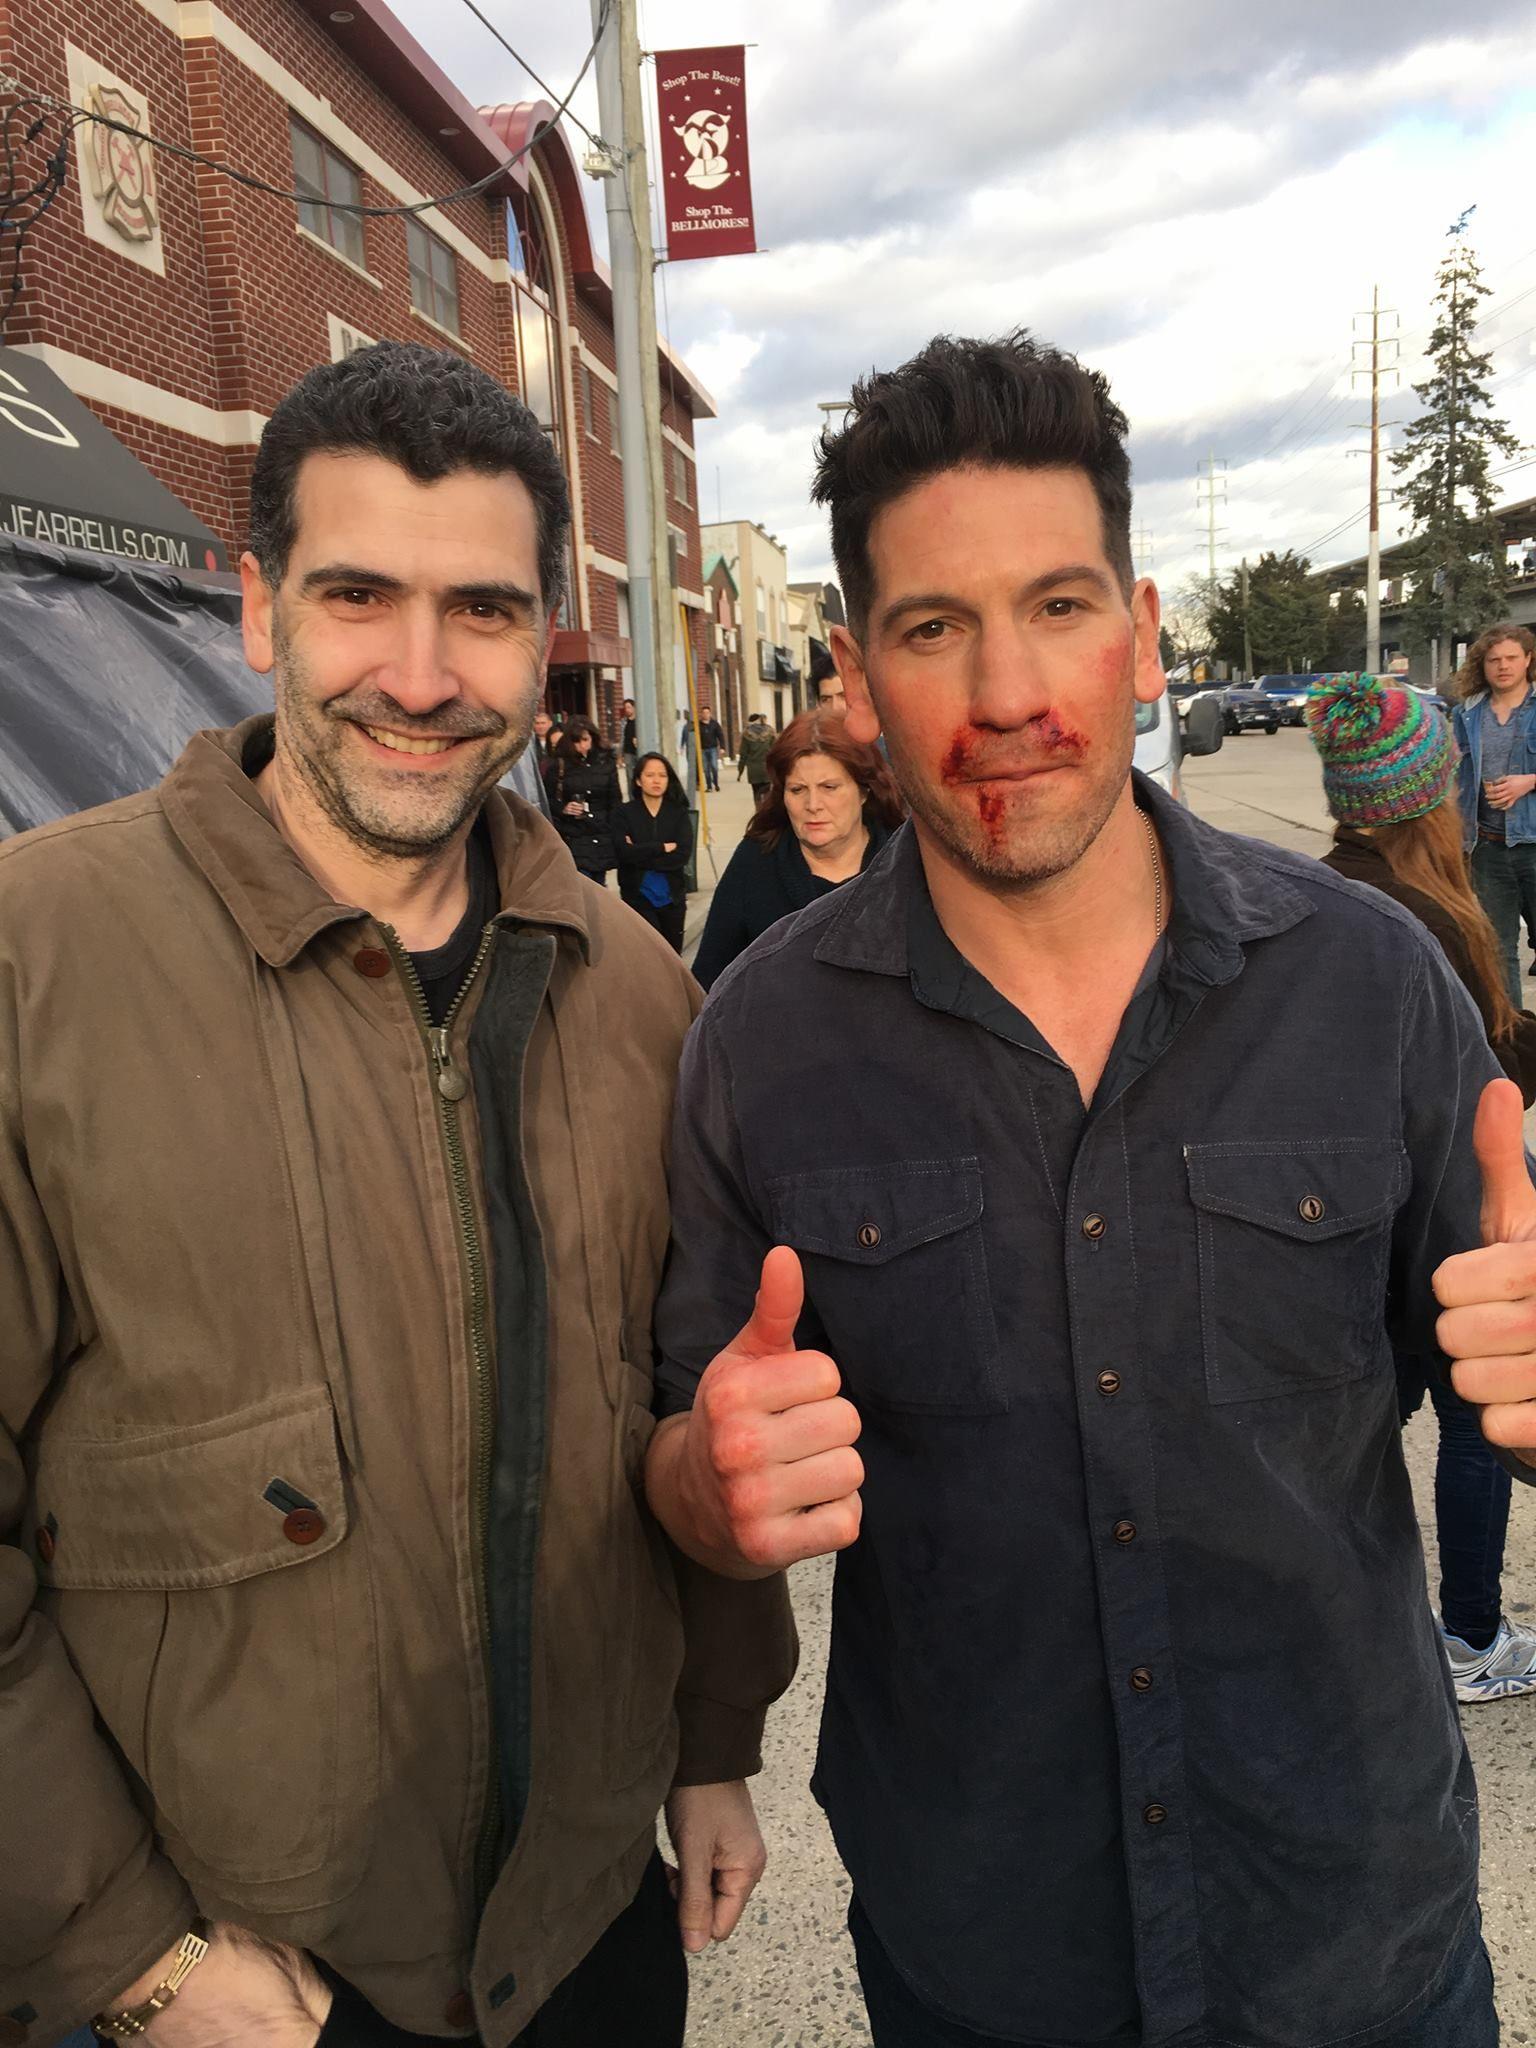 Punisher'ın 2.sezonu için kamera arkası görüntüleri geldi